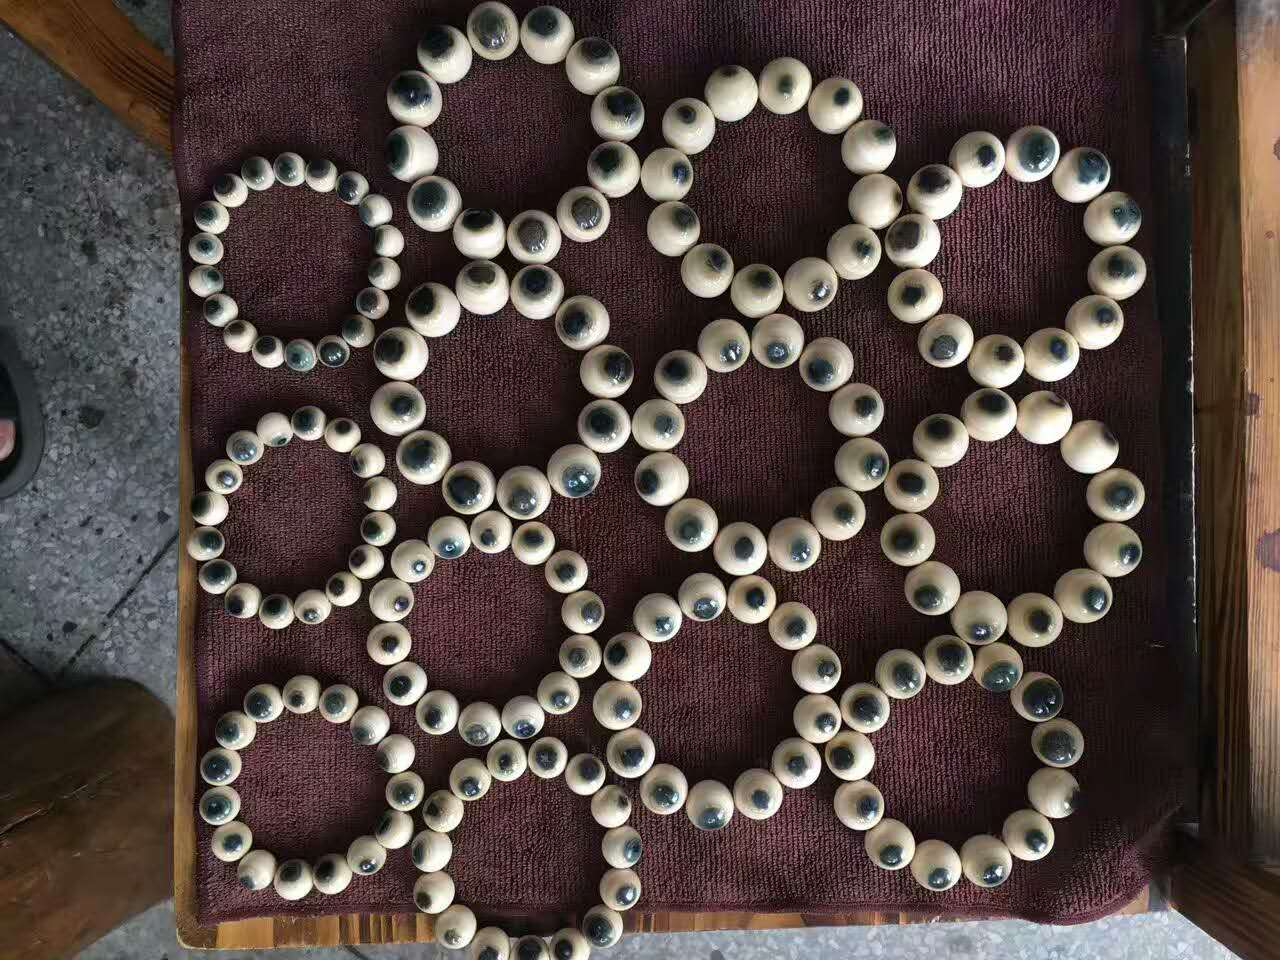 猛犸象牙车珠机|圆珠车珠机|佛珠车珠机|木珠车珠机